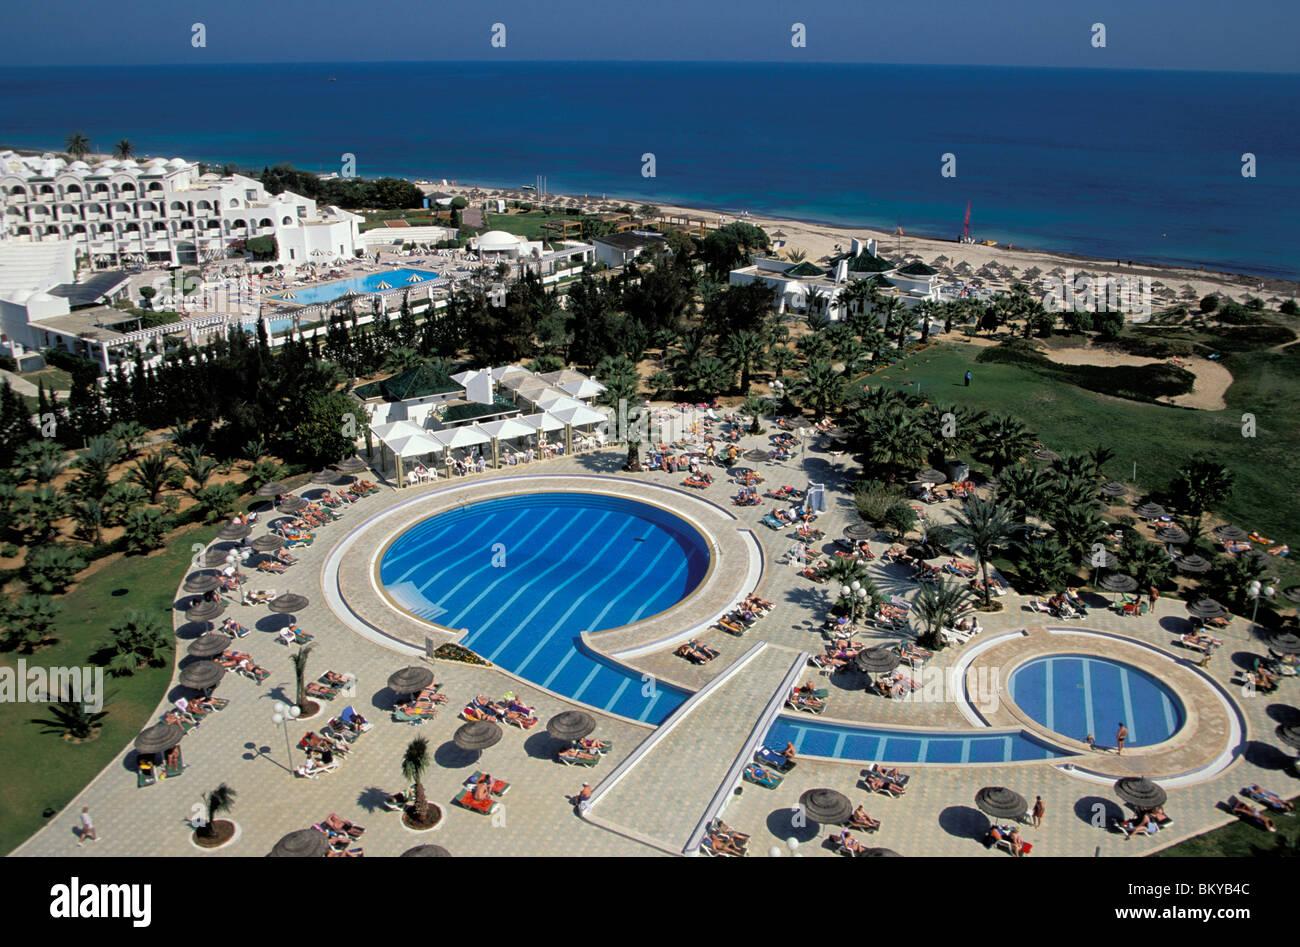 Hotel Marhaba Palace El Kantaoui